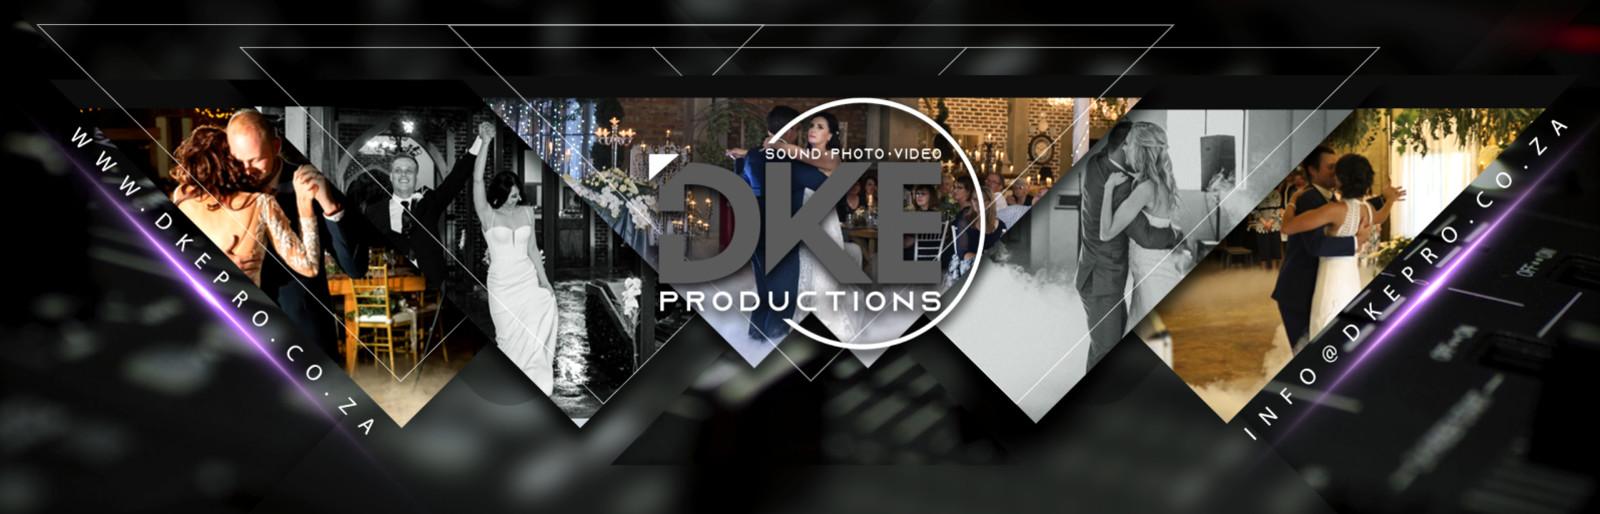 DKE Productions